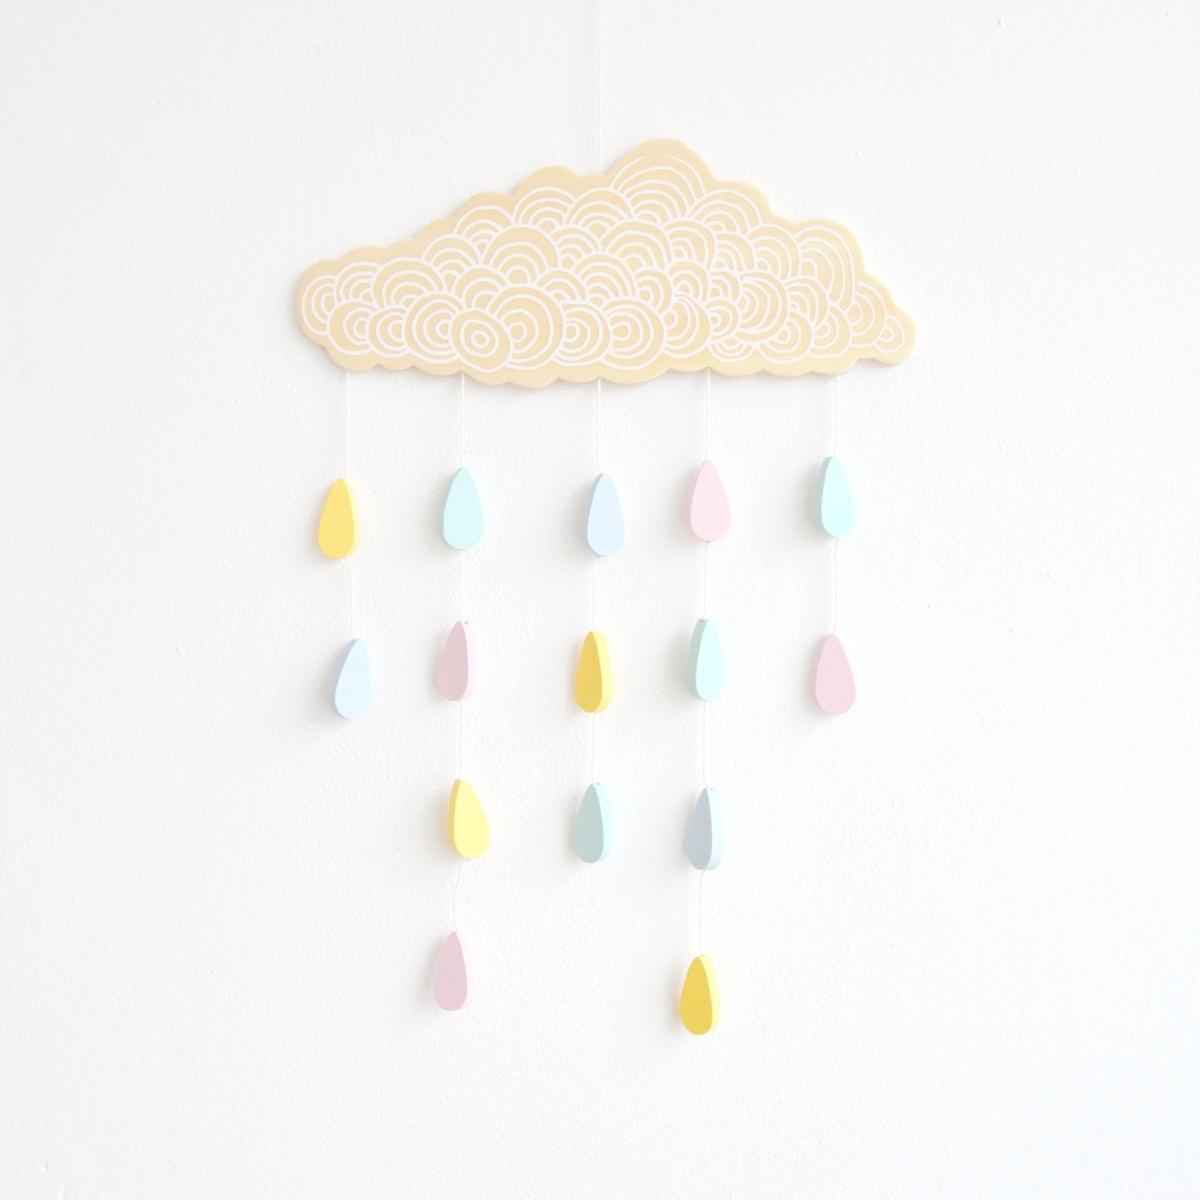 decorative wooden rain cloud mobile